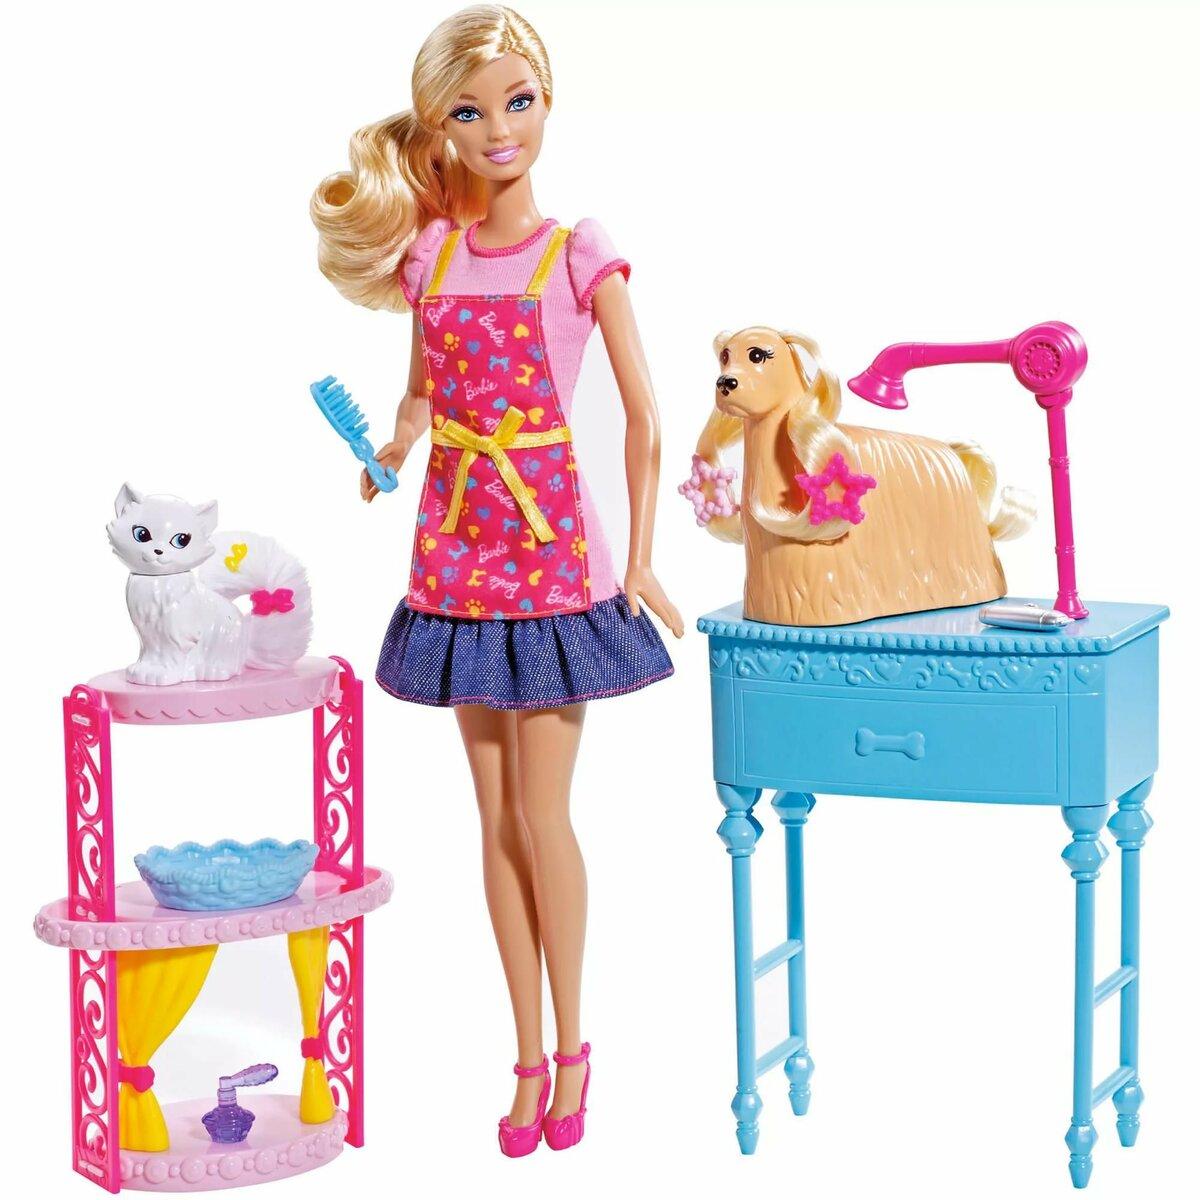 потенциальный картинки игрушек барби с кошками может возникнуть неровностях